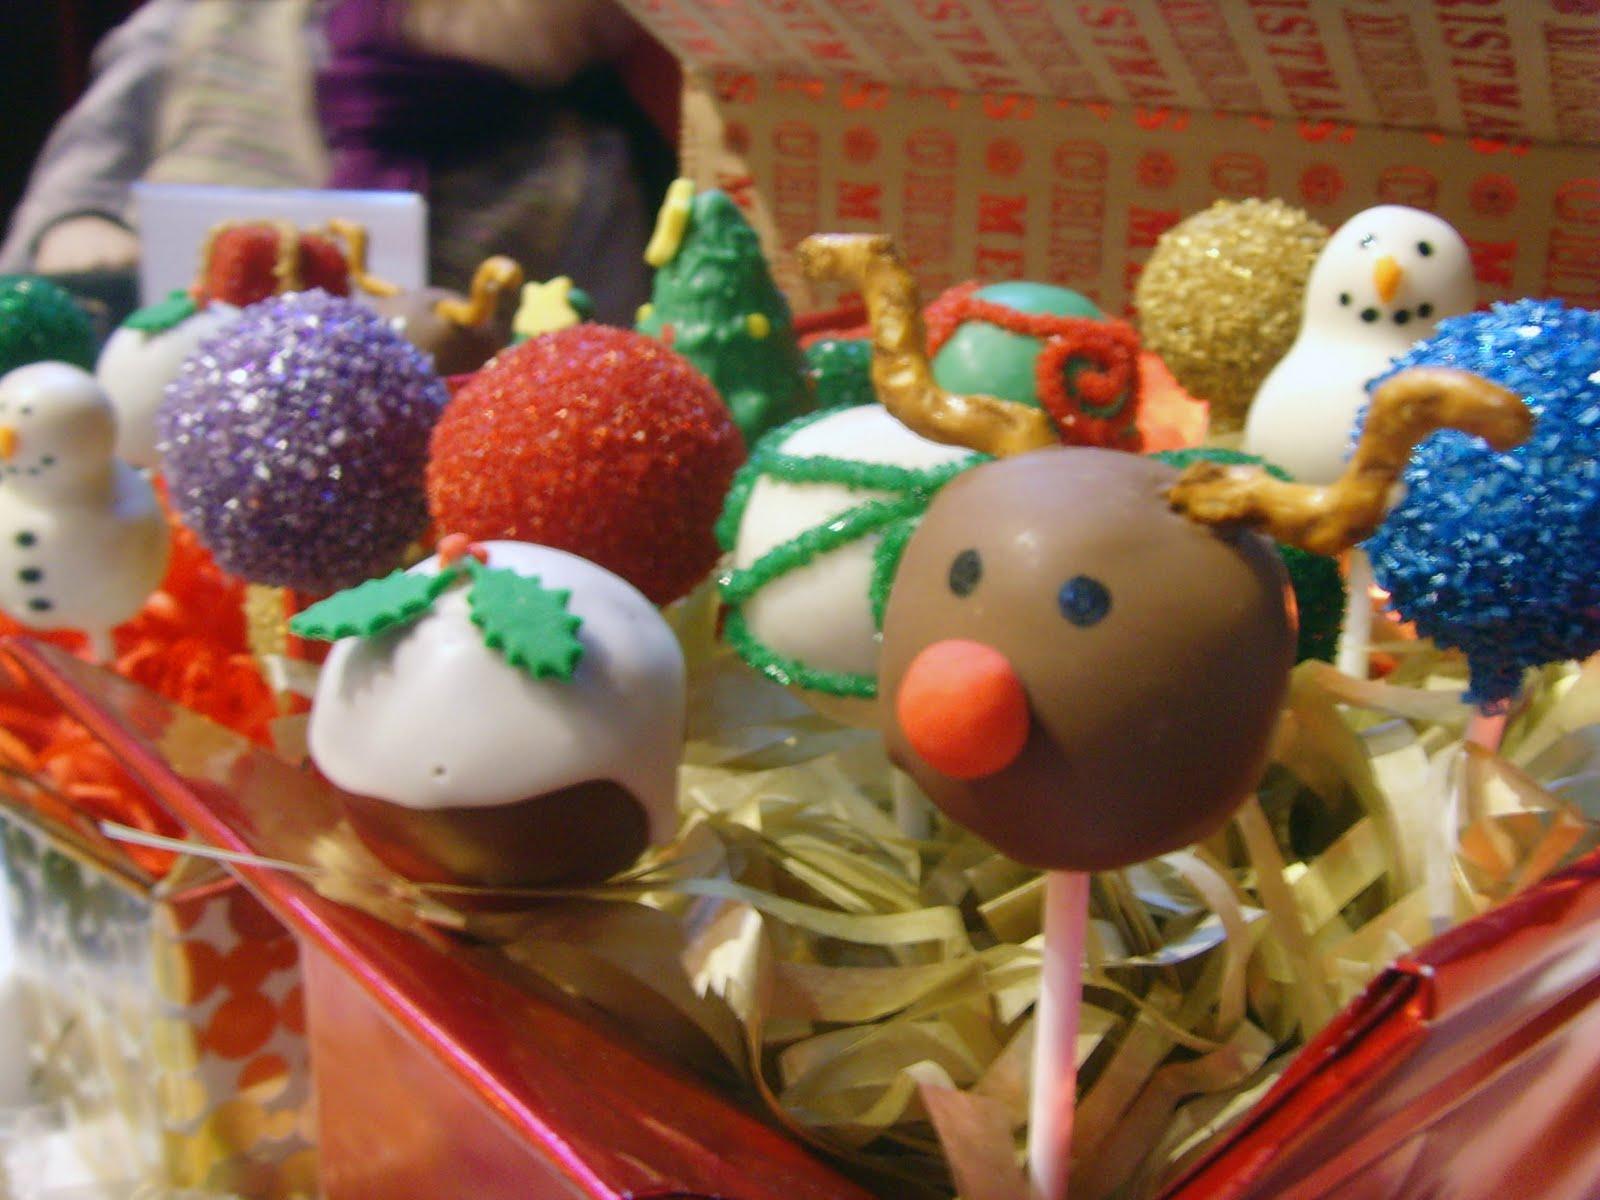 https://i0.wp.com/1.bp.blogspot.com/_oLuAx8iyZbo/TORC-fZZ6uI/AAAAAAAAADo/Si2hqOYZ3_w/s1600/Christmas%2BDisplay%2B4.jpg